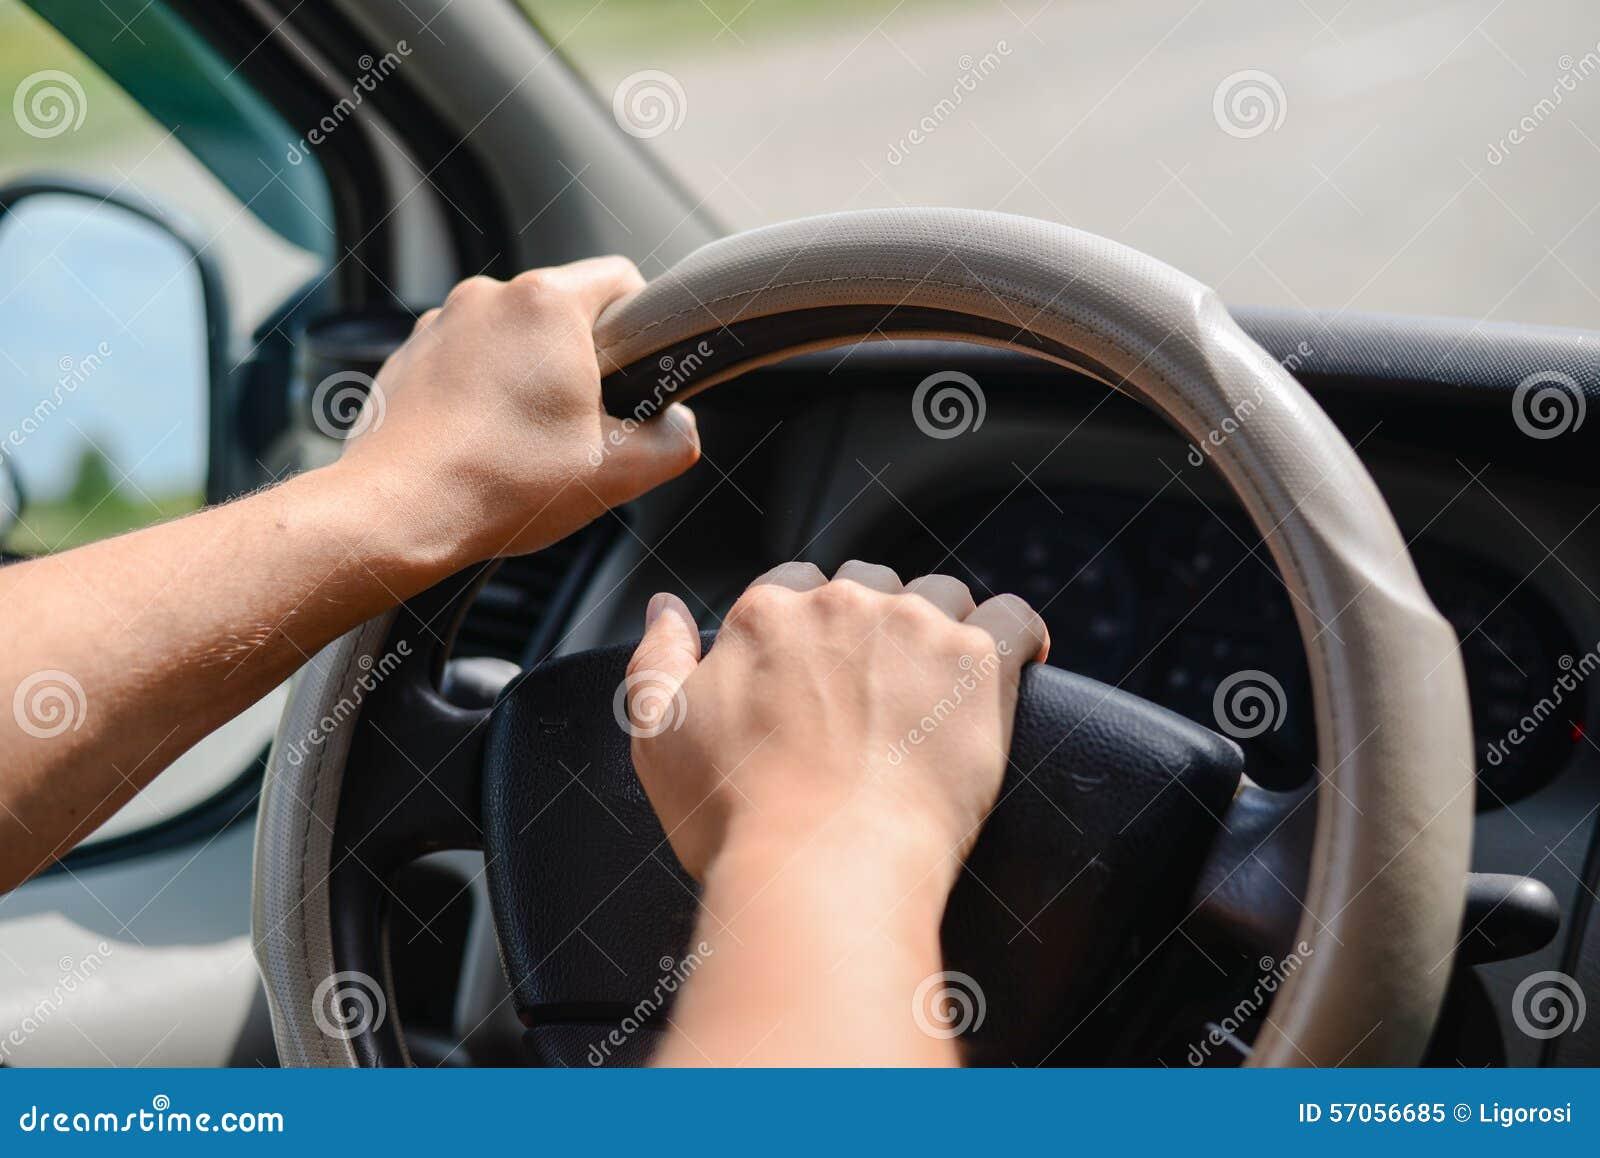 Entfernungsmesser Mit Rad : Die hände des mannes ein rad eines autos halten und a piepen